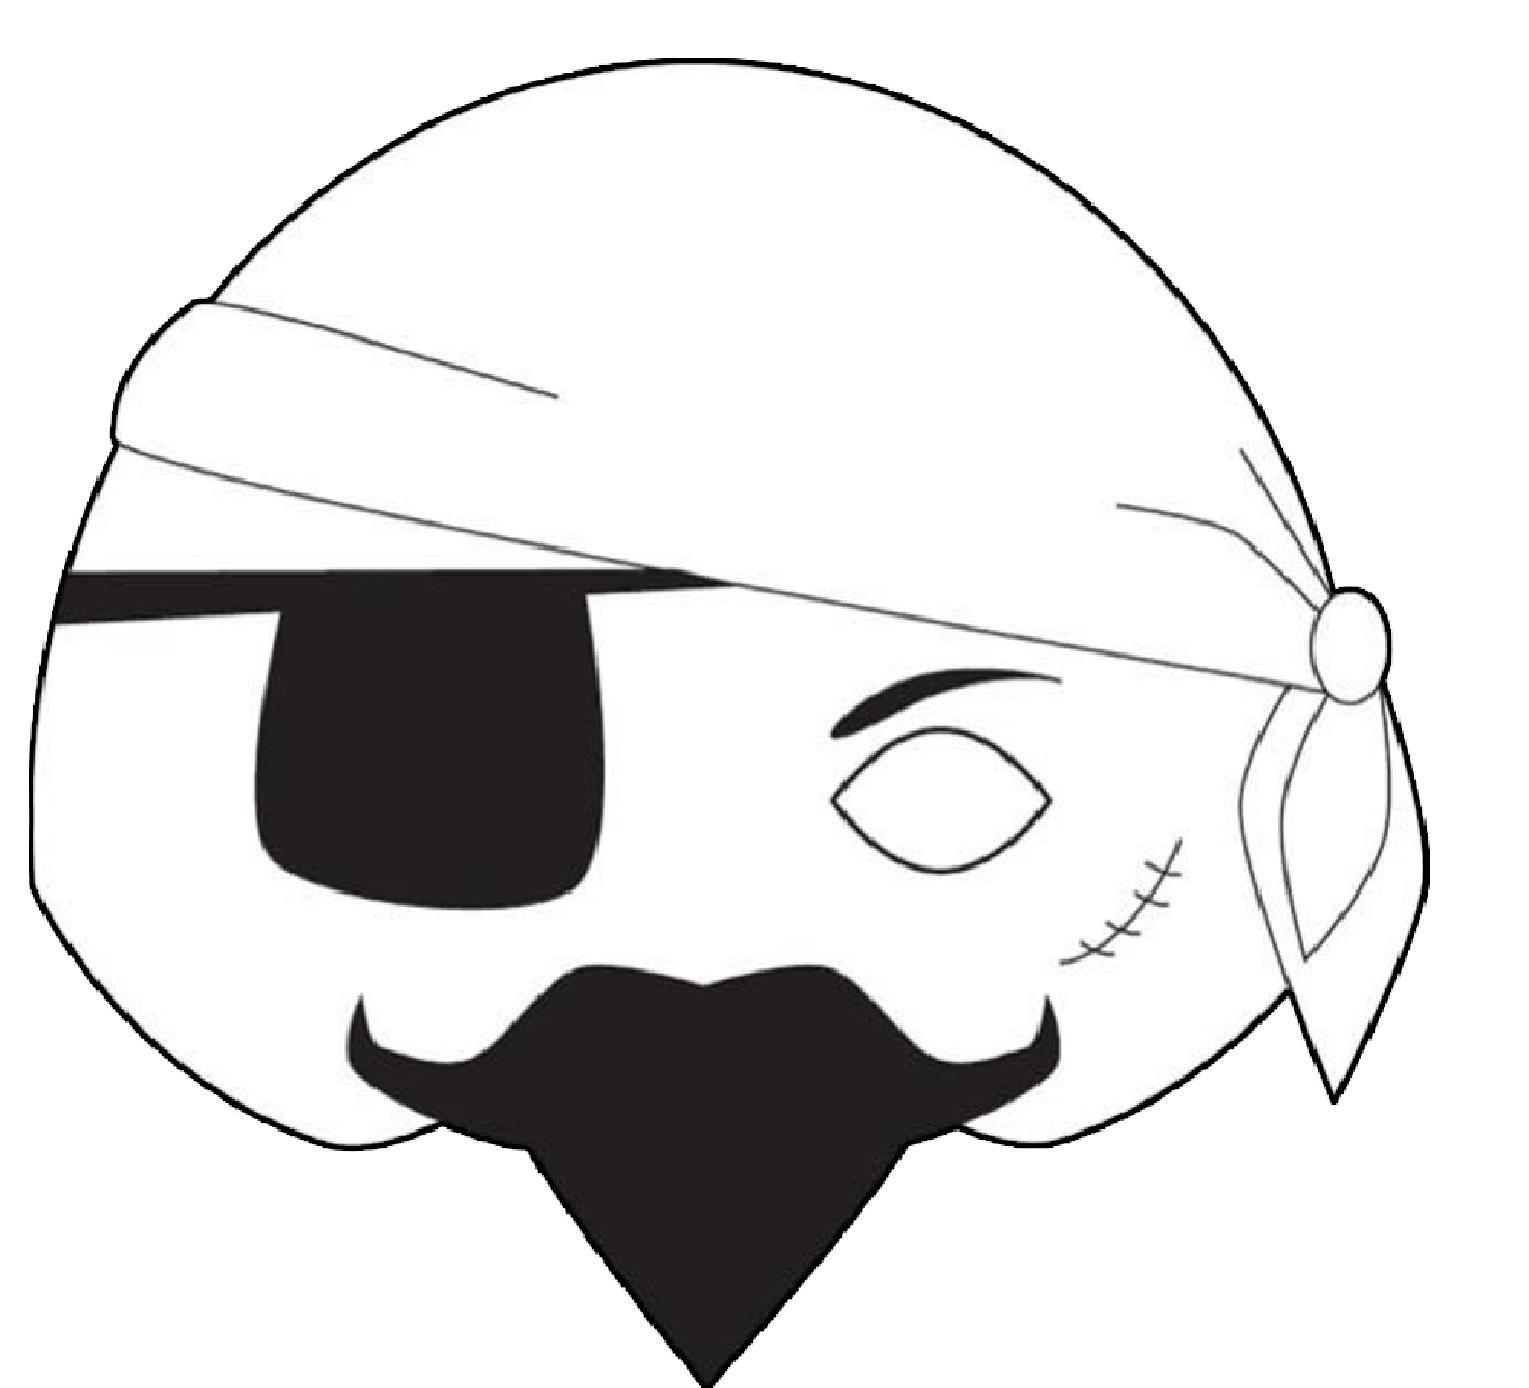 Masque Pirate A Colorier Découpage A Imprimer destiné Masque Enfant A Colorier